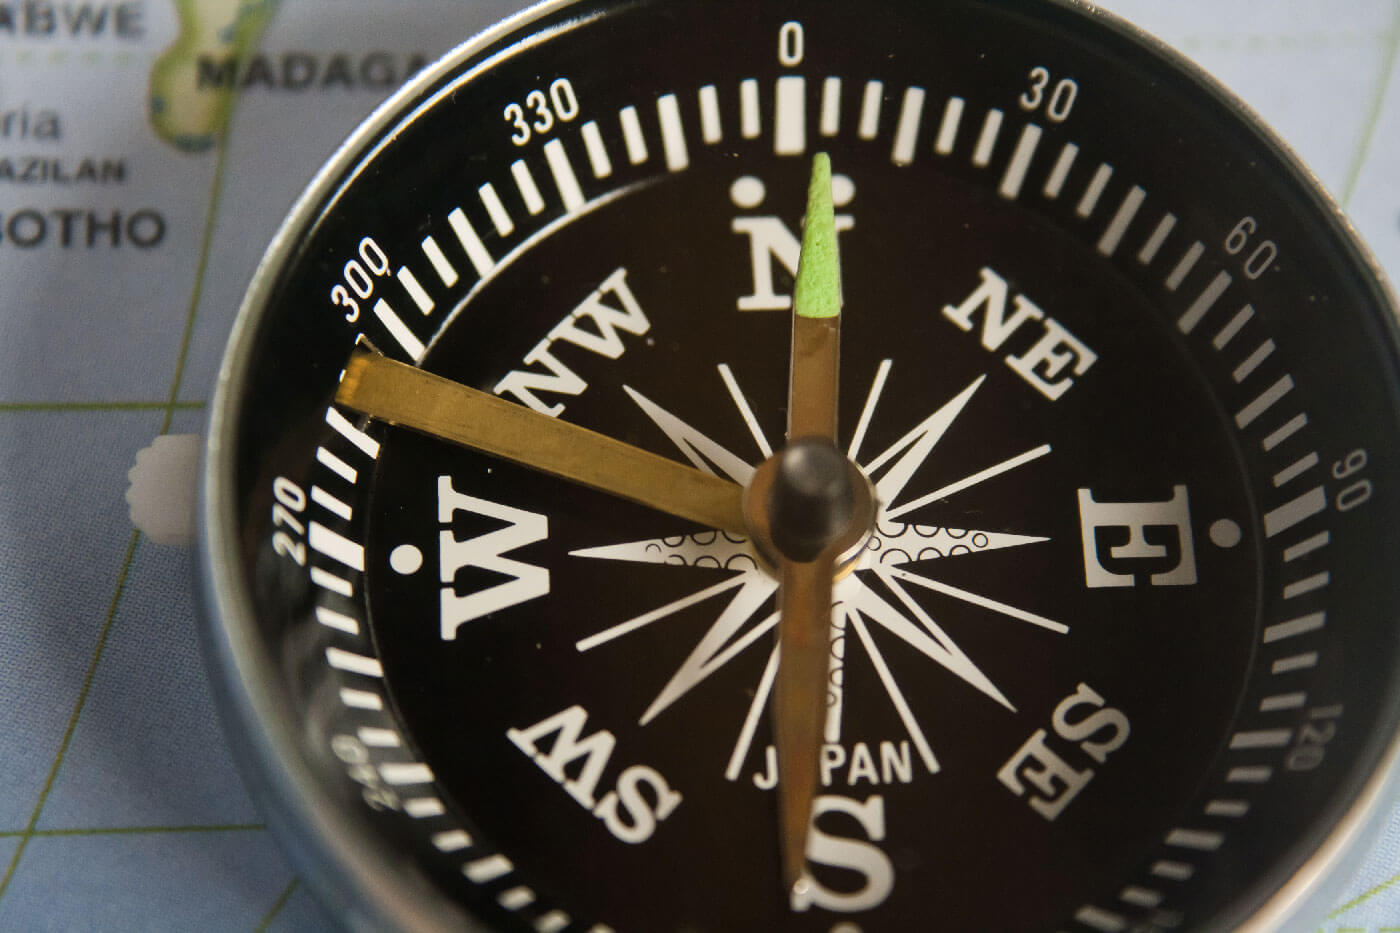 9913922a8de Quelle stratégie maritime pour 2030   Hugo Lambert ...